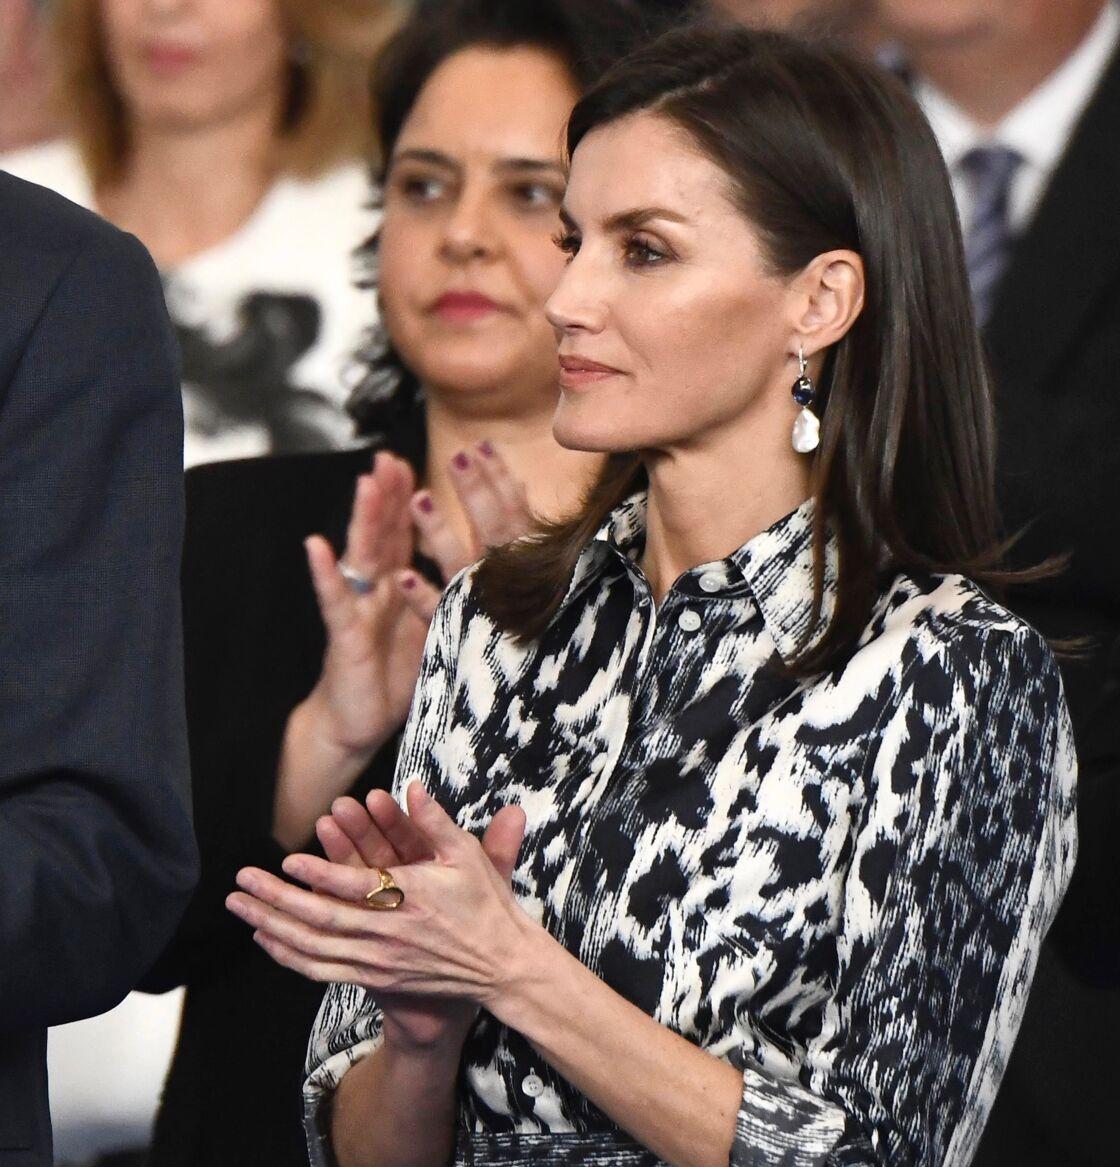 La reine Letizia d'Espagne lors d'un déplacement à Ecija en Andalousie, le 6 février 2020.